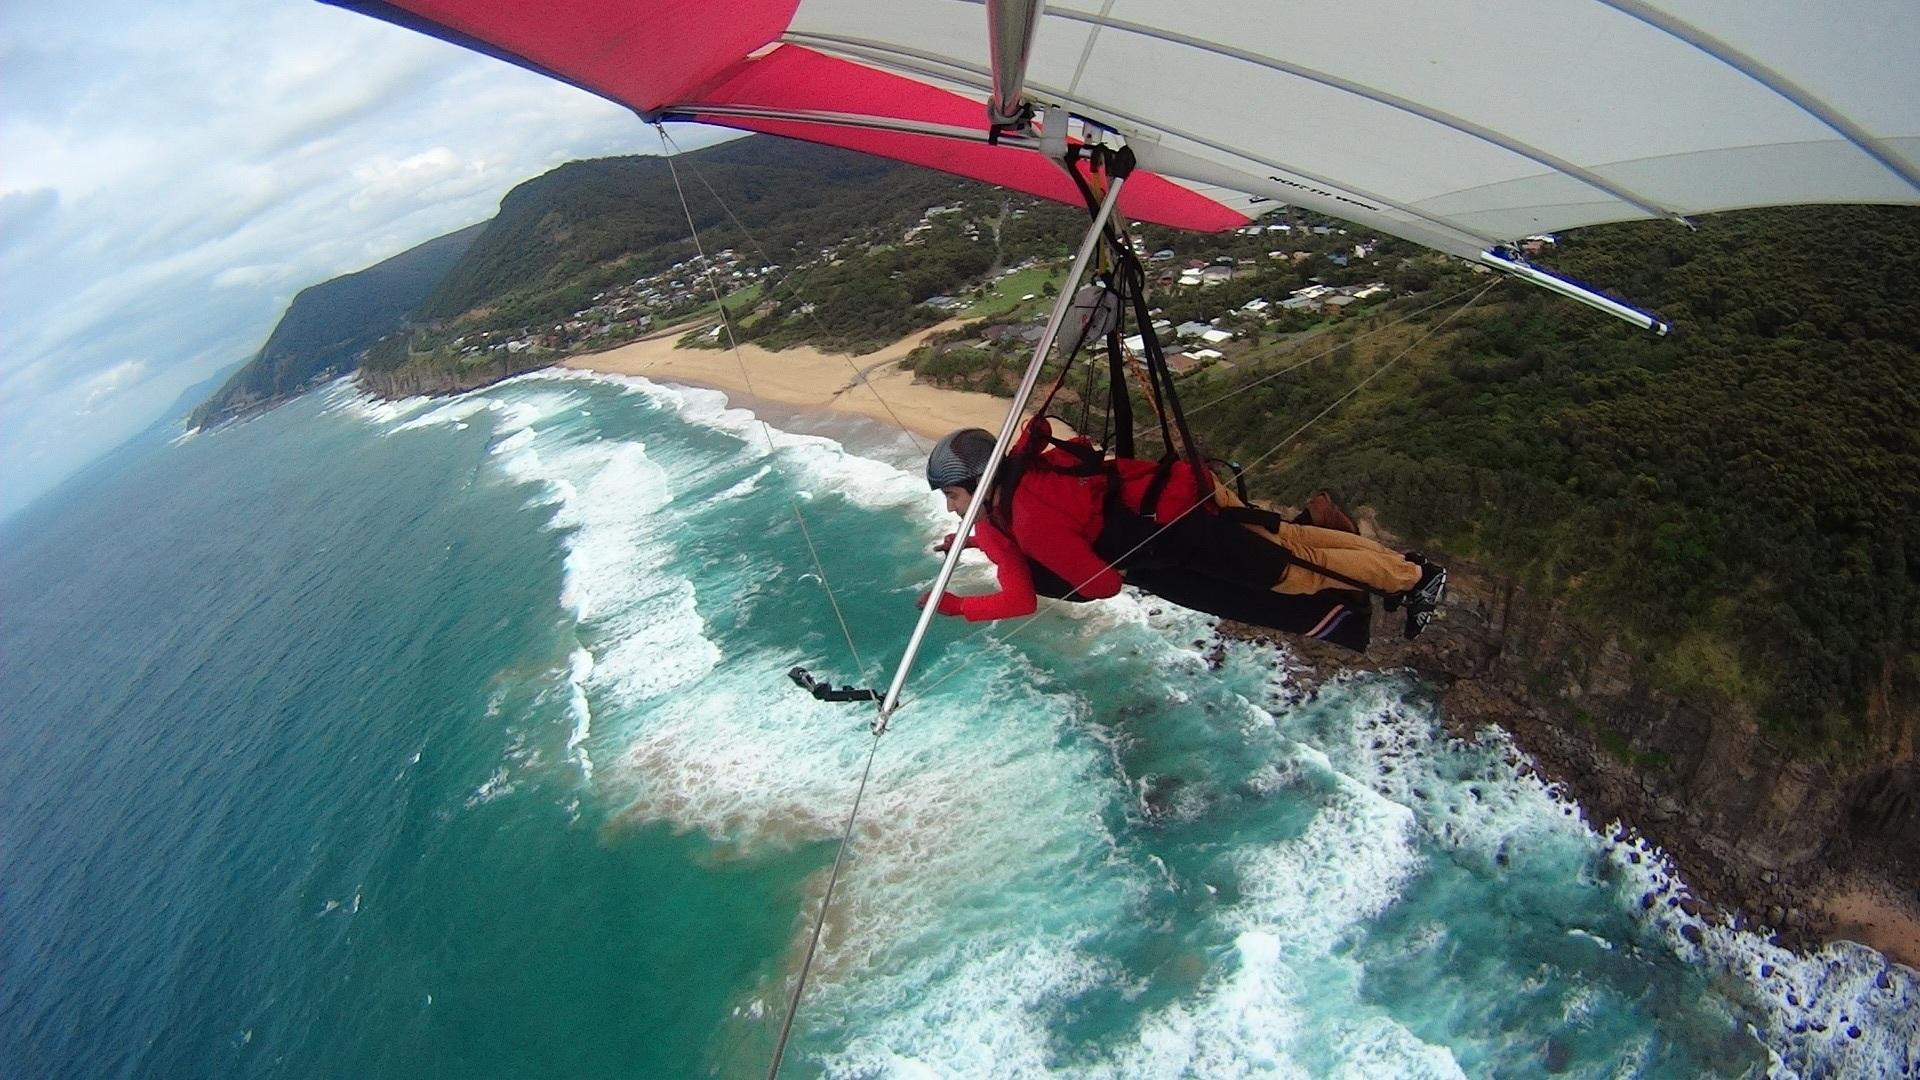 Hang Gliding At Wollongong Travel Amp Lifestyle